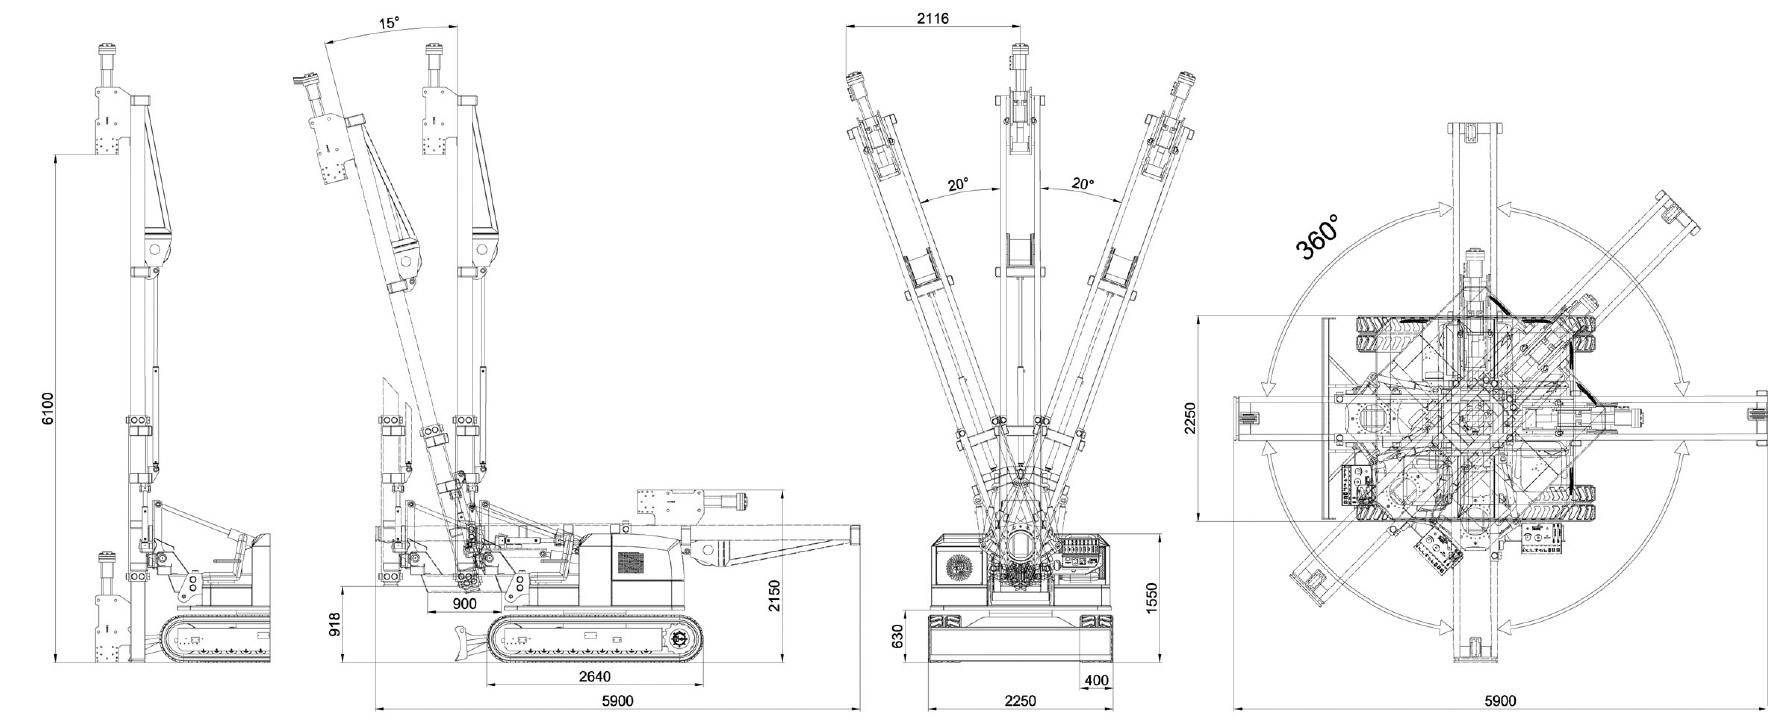 Misure e disegno tecnico battipalo modello 1200